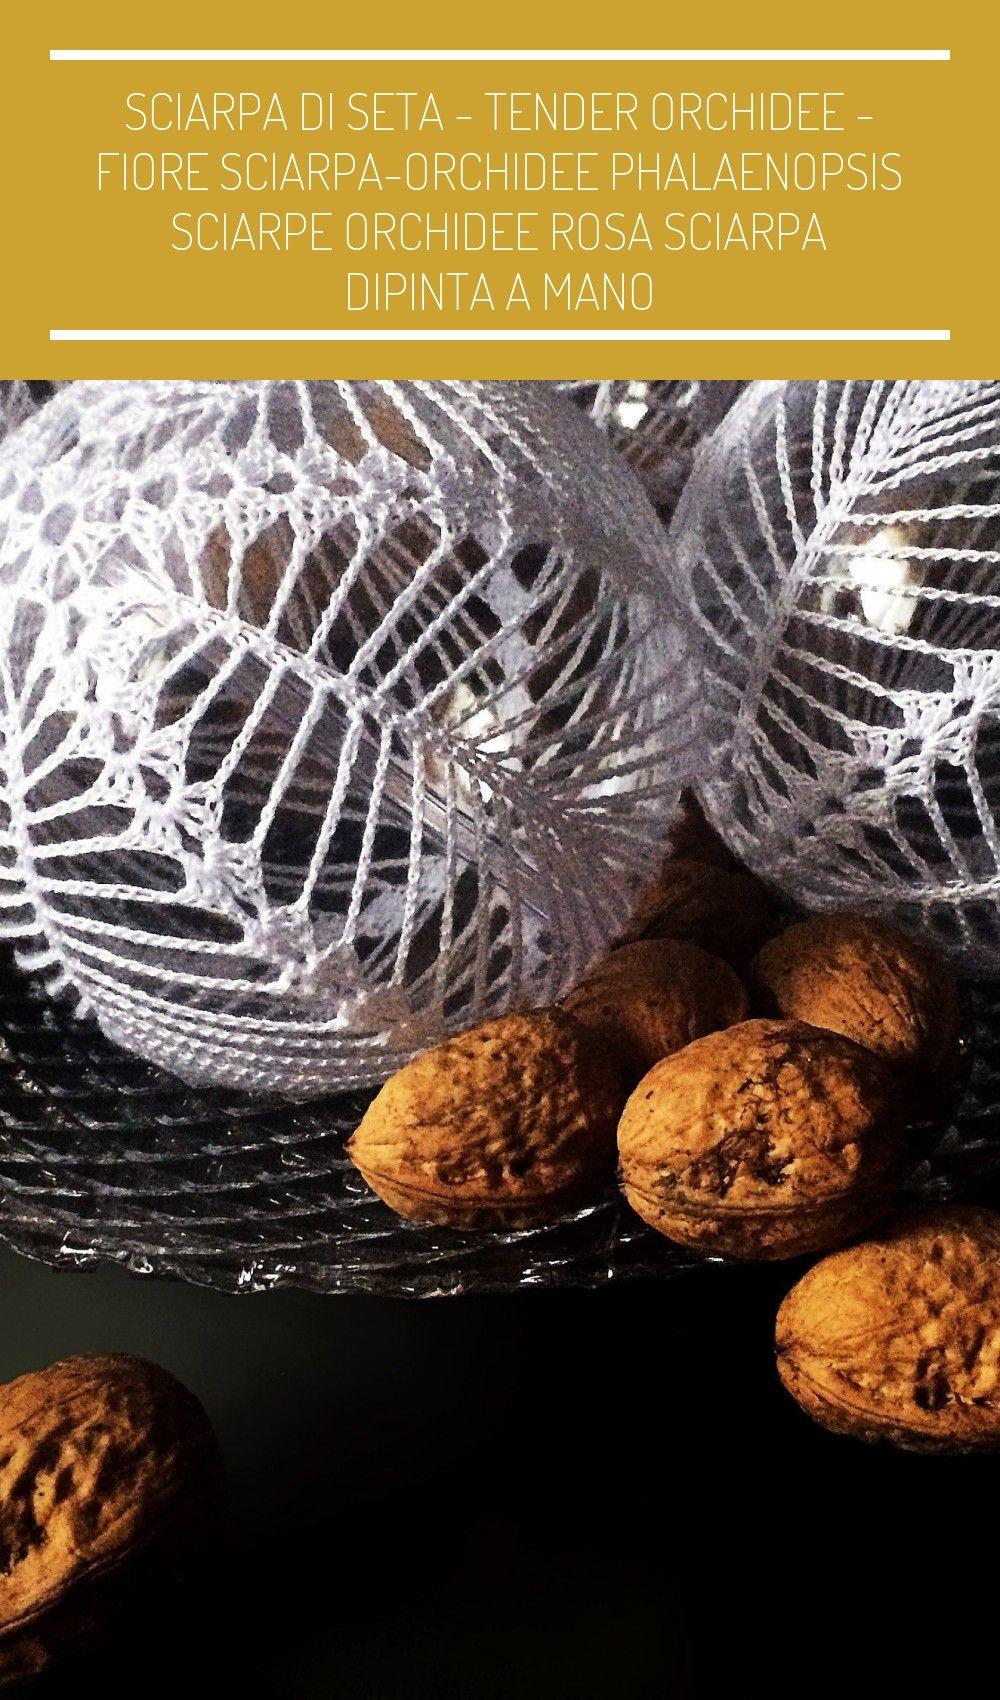 Zestaw 2 Boże Narodzenie kulki ornament biały szydełkowy bombki Christmas Tree dekoracji Xmas kulki prezent dla rodziny koronkowy wystrój bombki świąteczne #biały #bombki #Boże #Christmas #dekoracji #dla #koronkowy #kulki #Narodzenie #Ornament #prezent #rodziny #świąteczne #szydełkowy #tree #wystrój #Xmas #Zestaw #ornamento di natale tutorial